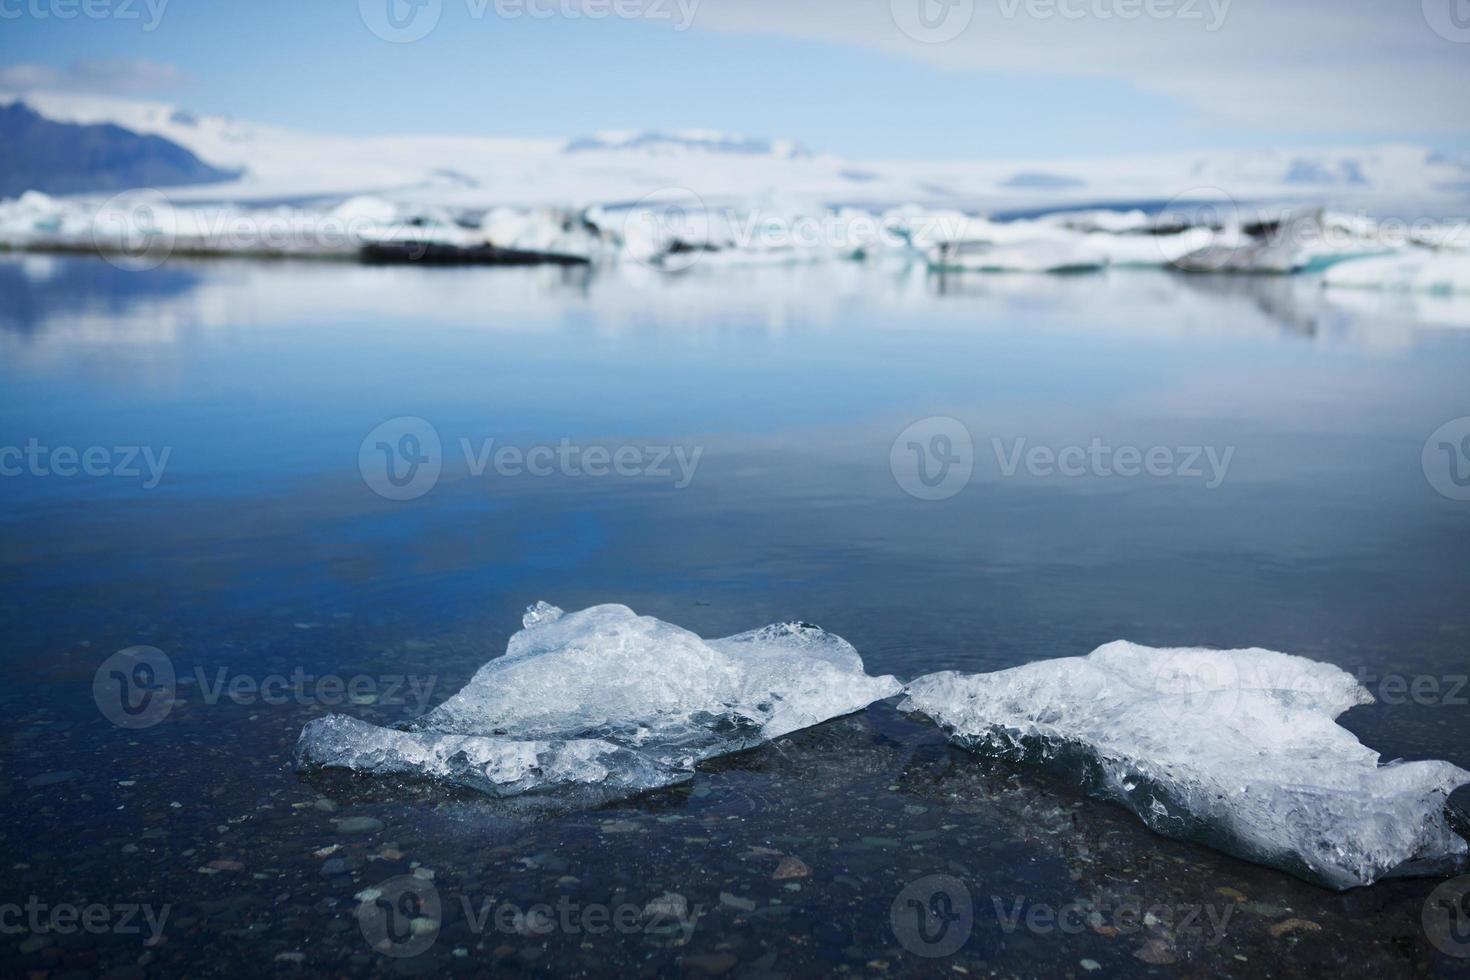 detalhe de pequeno iceberg - lago glacial jokulsarlon, Islândia foto